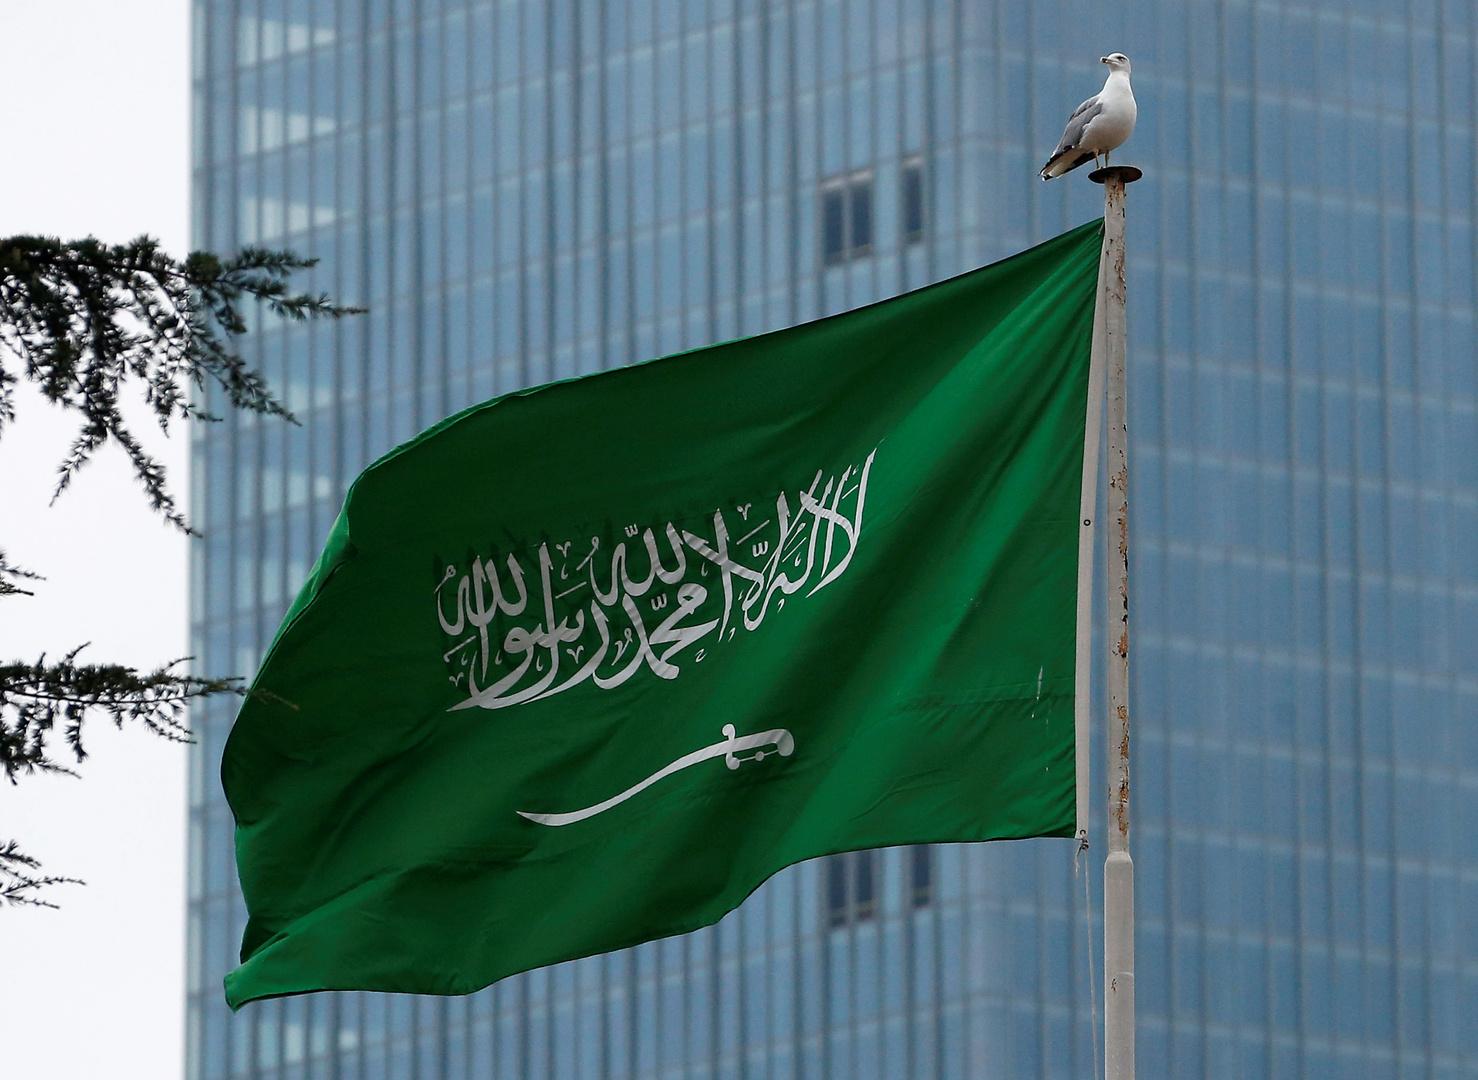 السعودية تعيد جدولة تلقي لقاح كورونا بسب تأخر الشركة المنتجة في توريده